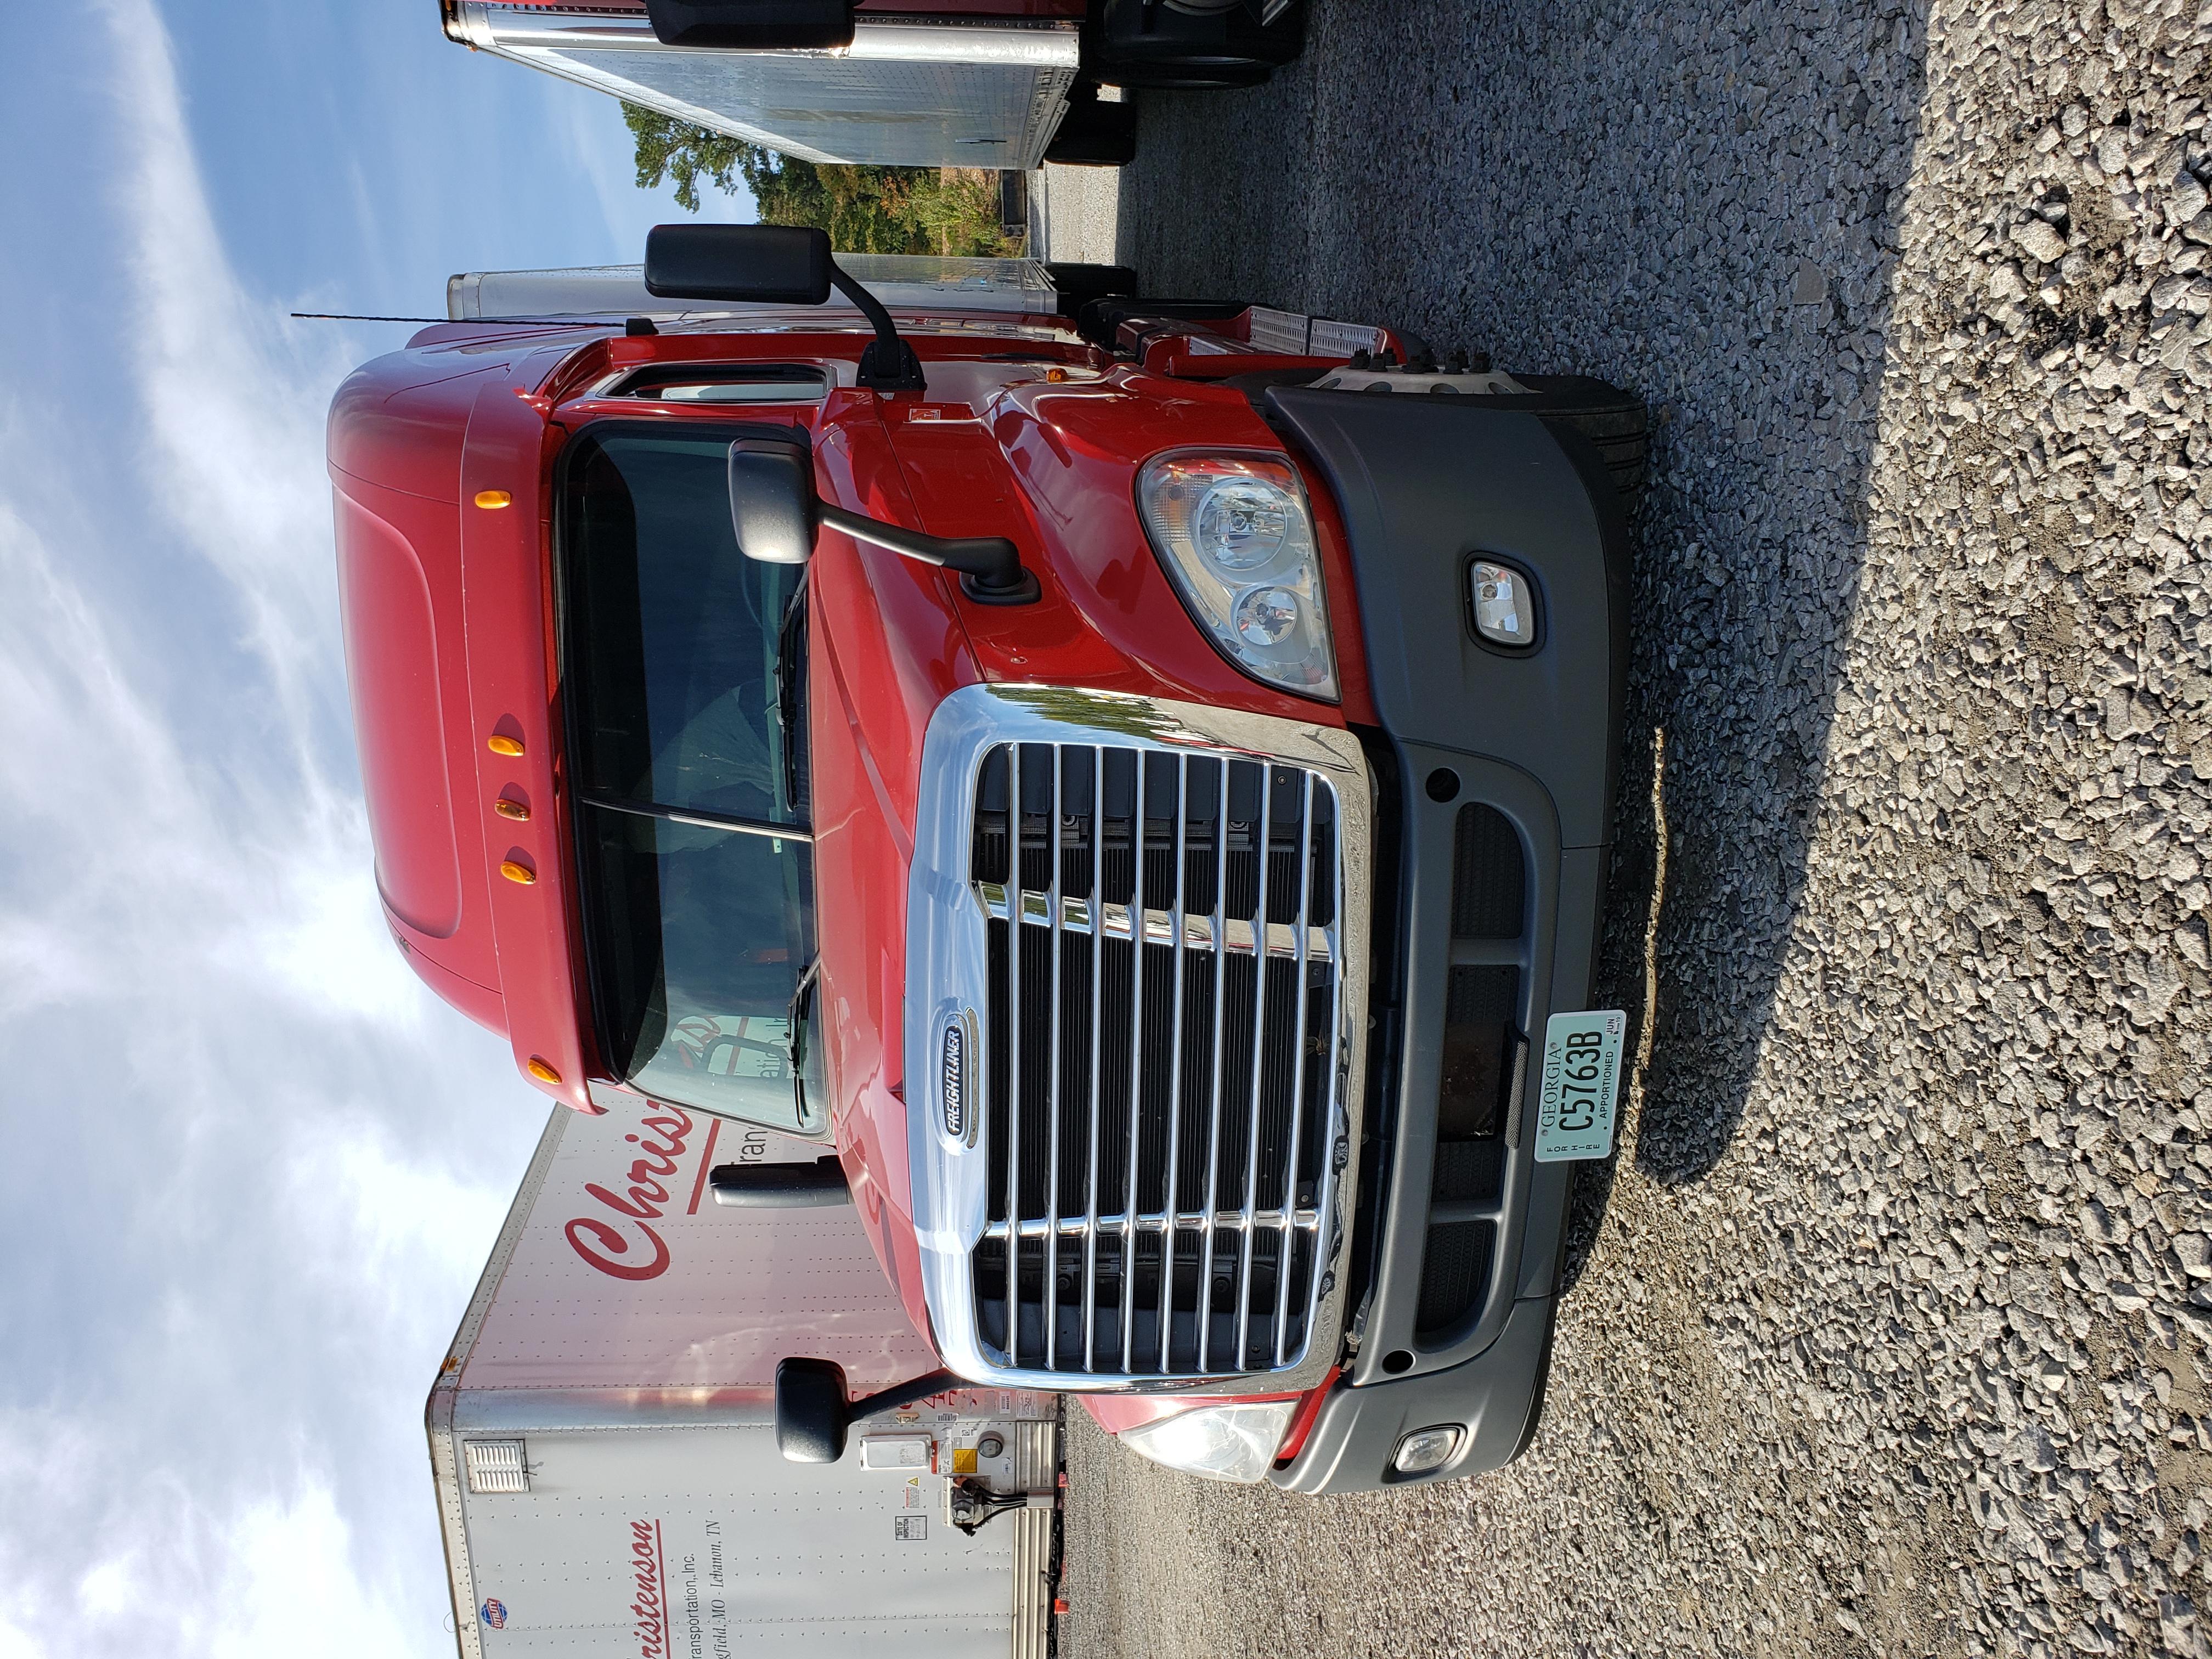 Truck no. 505